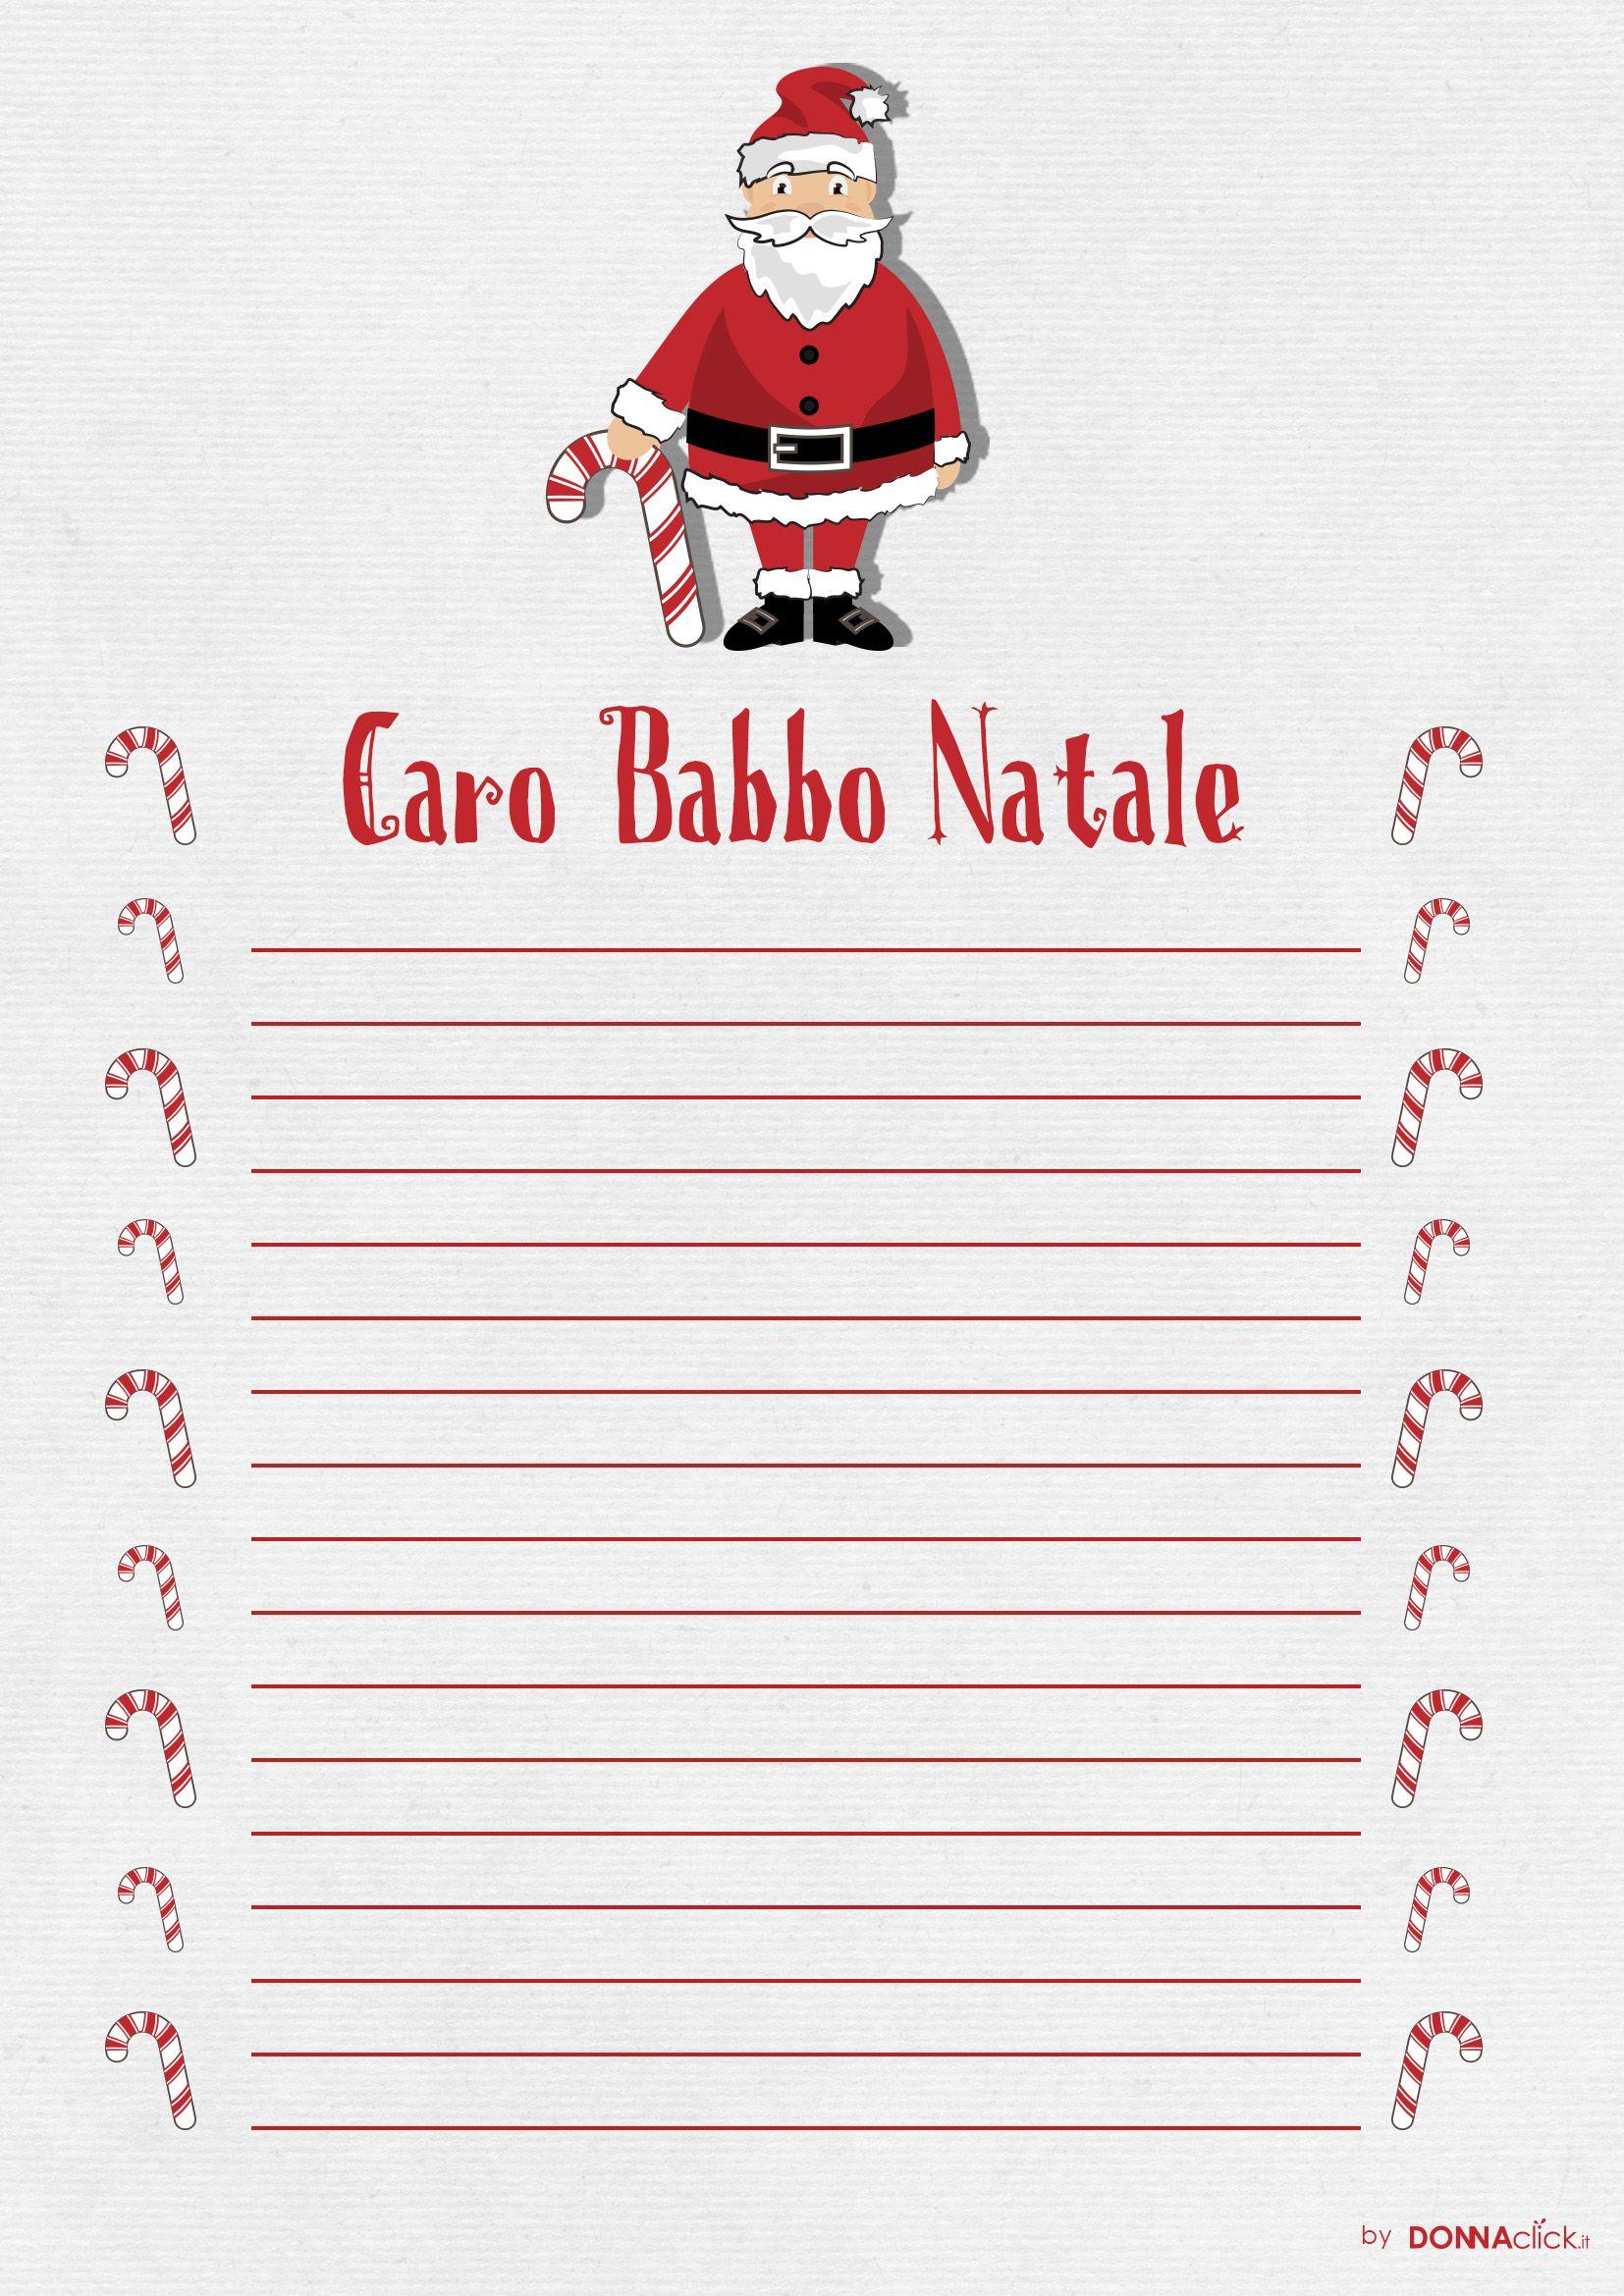 Babbo Natale Letterine.Letterina Da Stampare E Compilare Per Babbo Natale Lettere Di